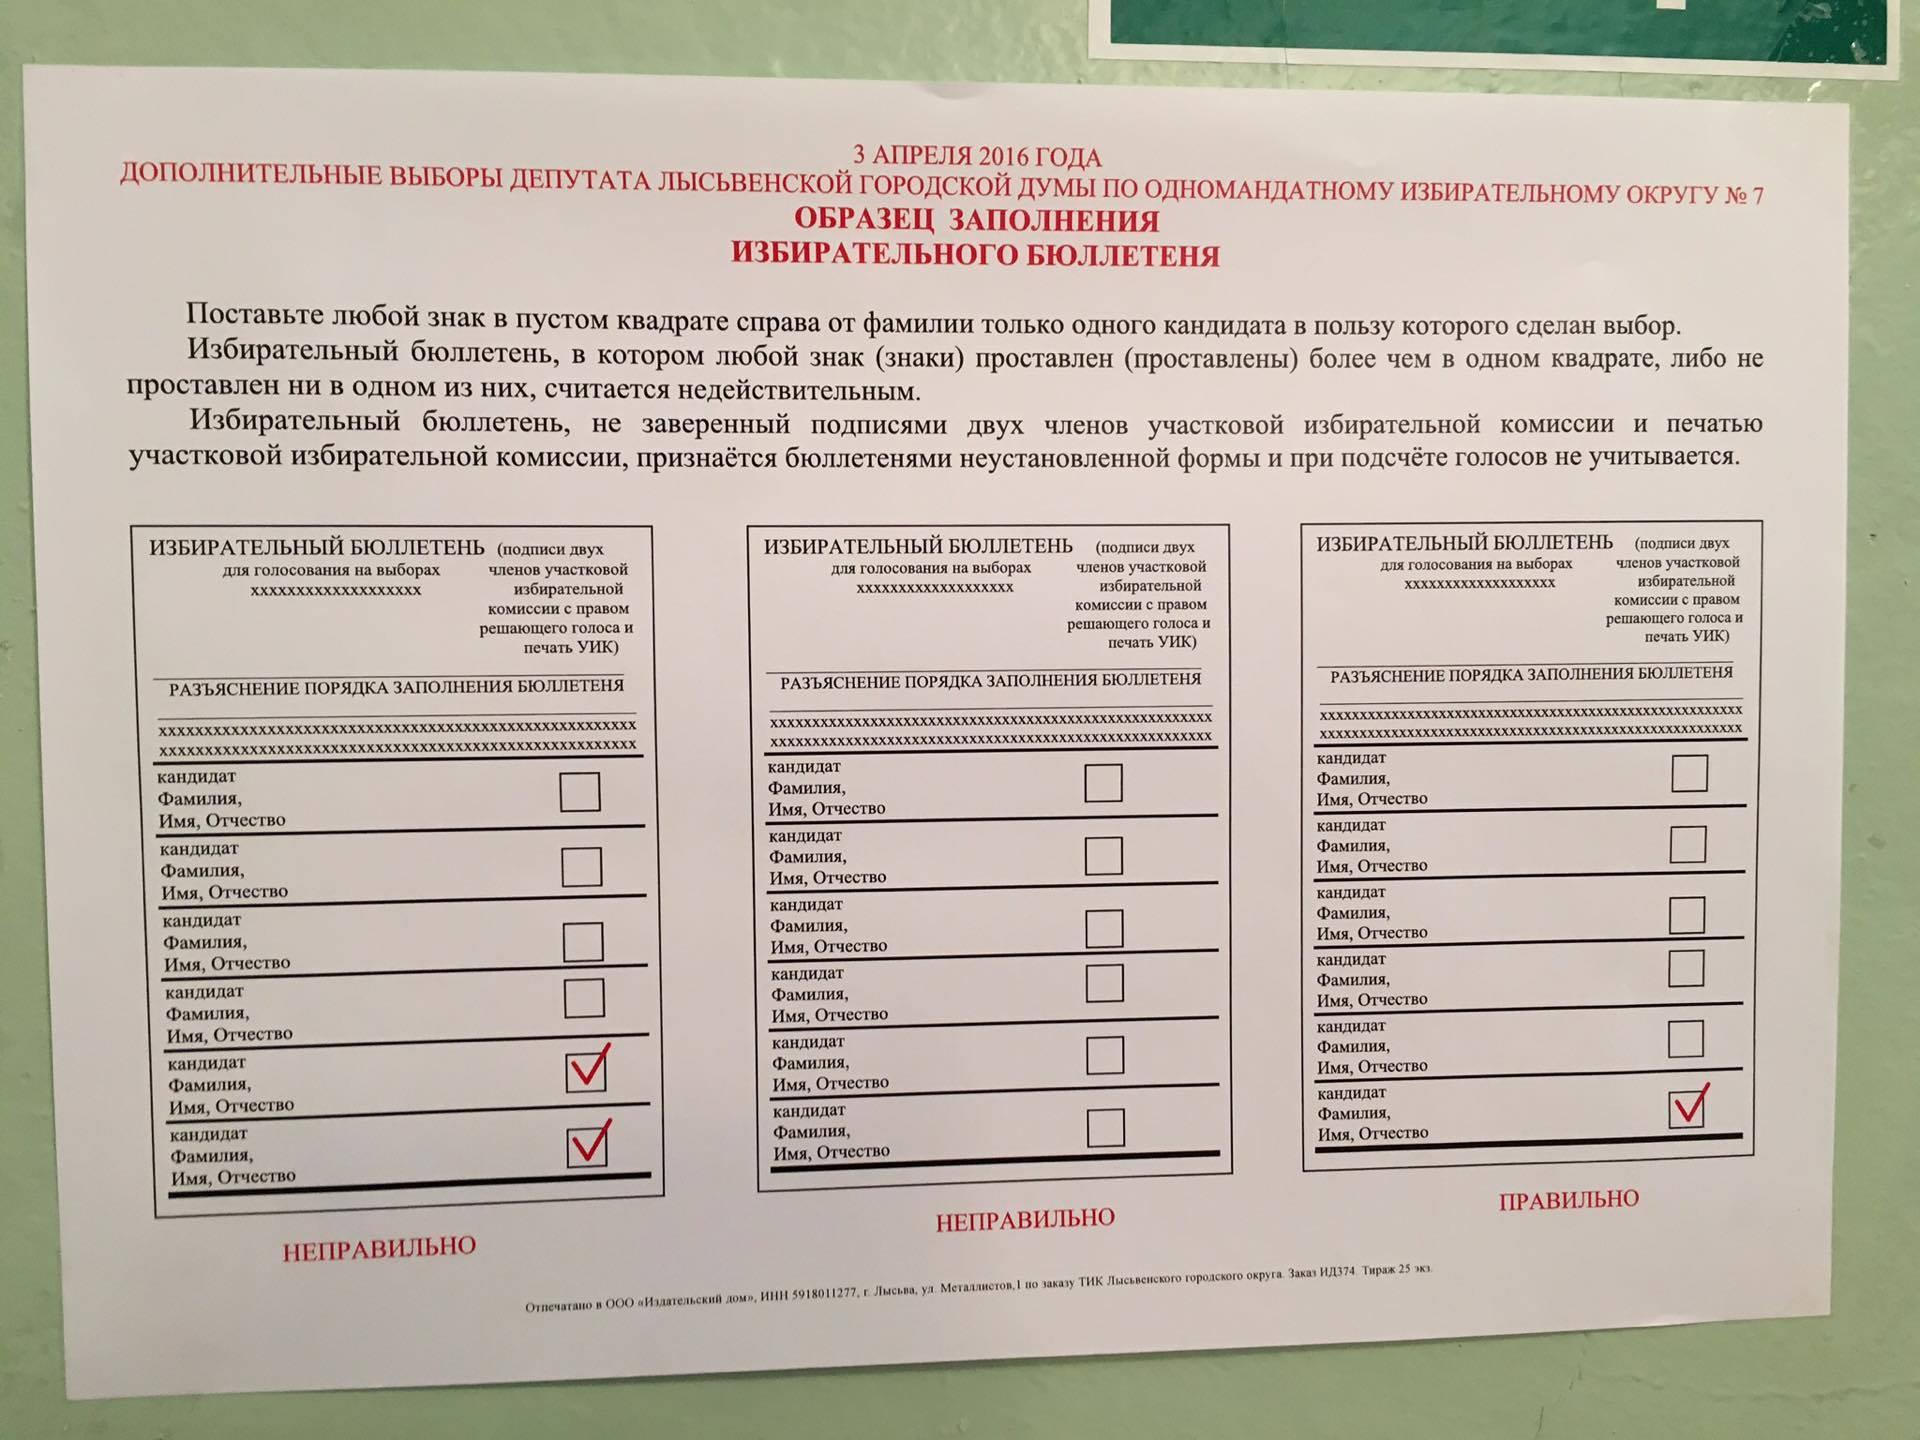 Хроника дня голосования 3 апреля   голос — за честные выборы.